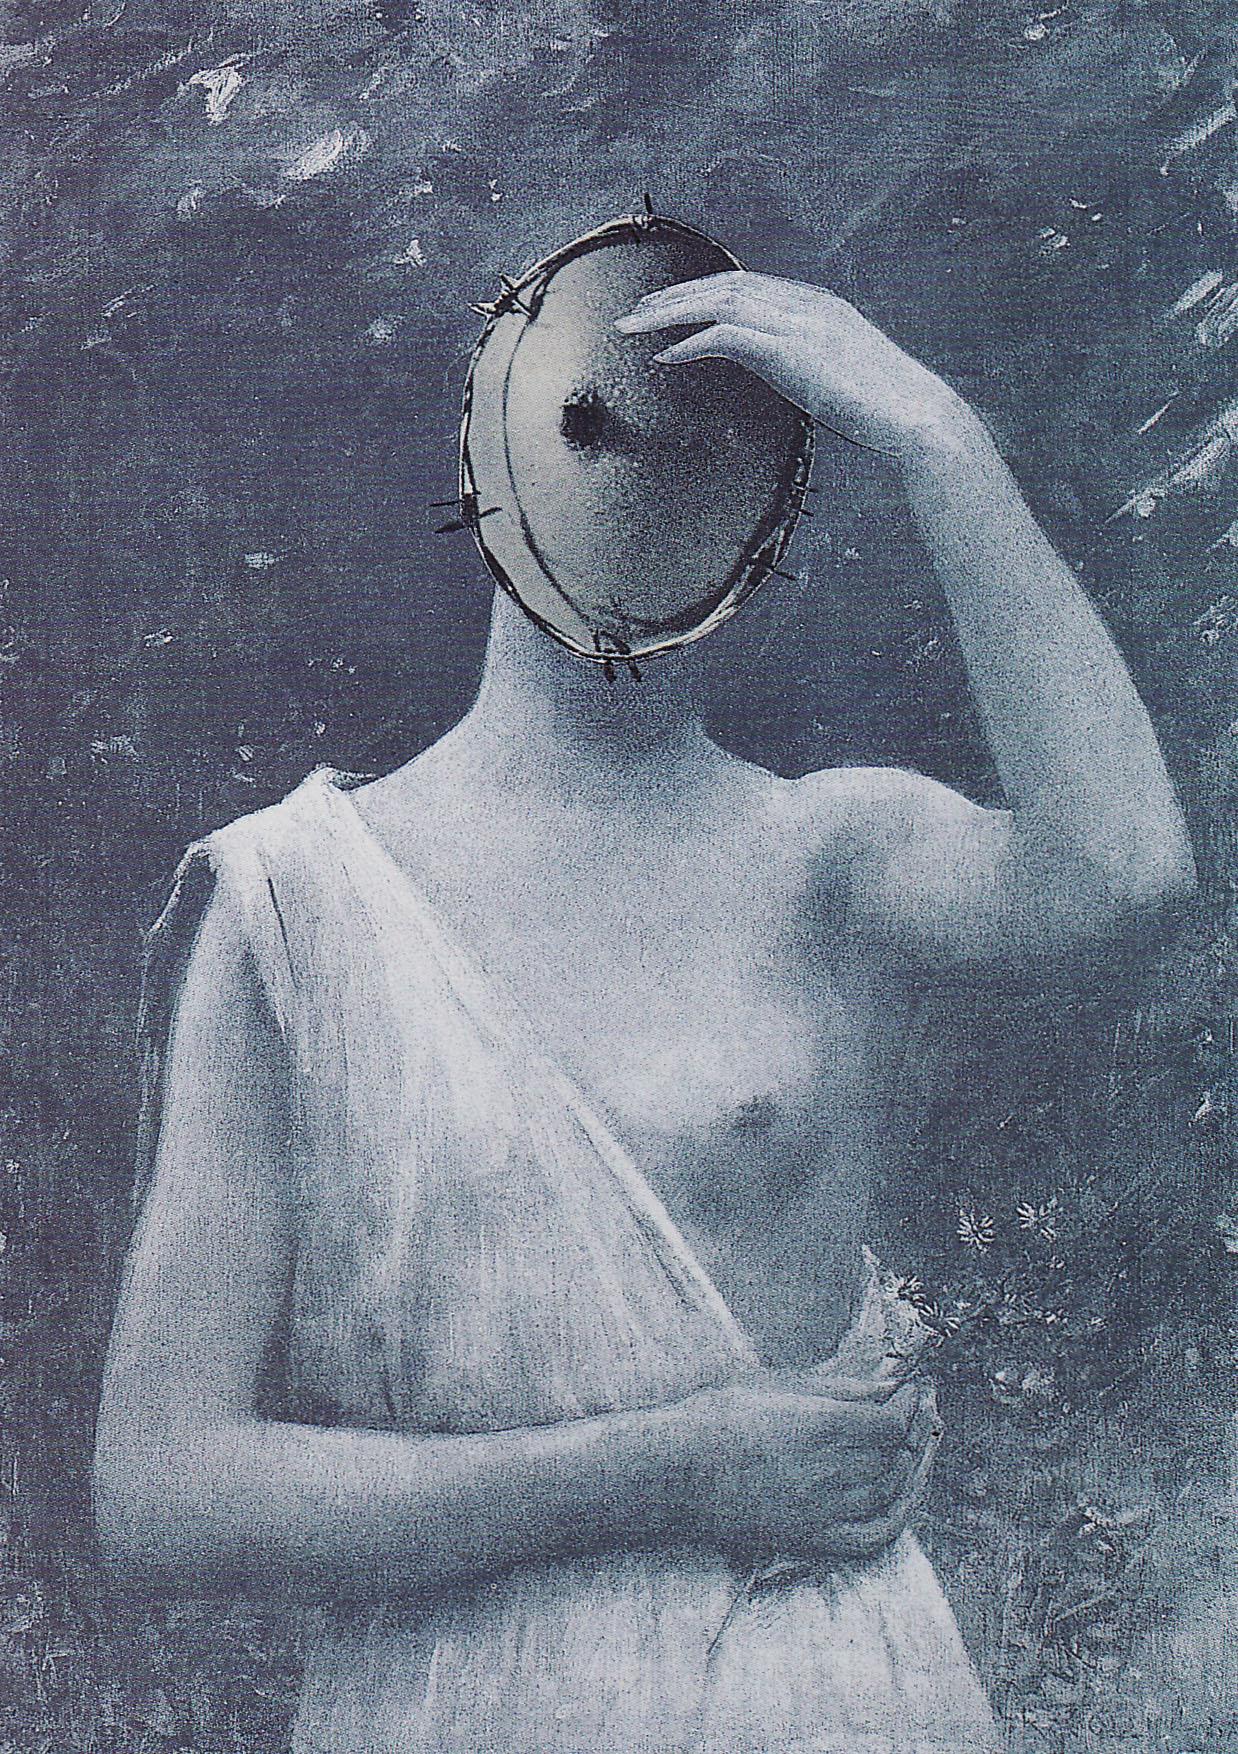 Karel Teige- Collage #262, 1942.